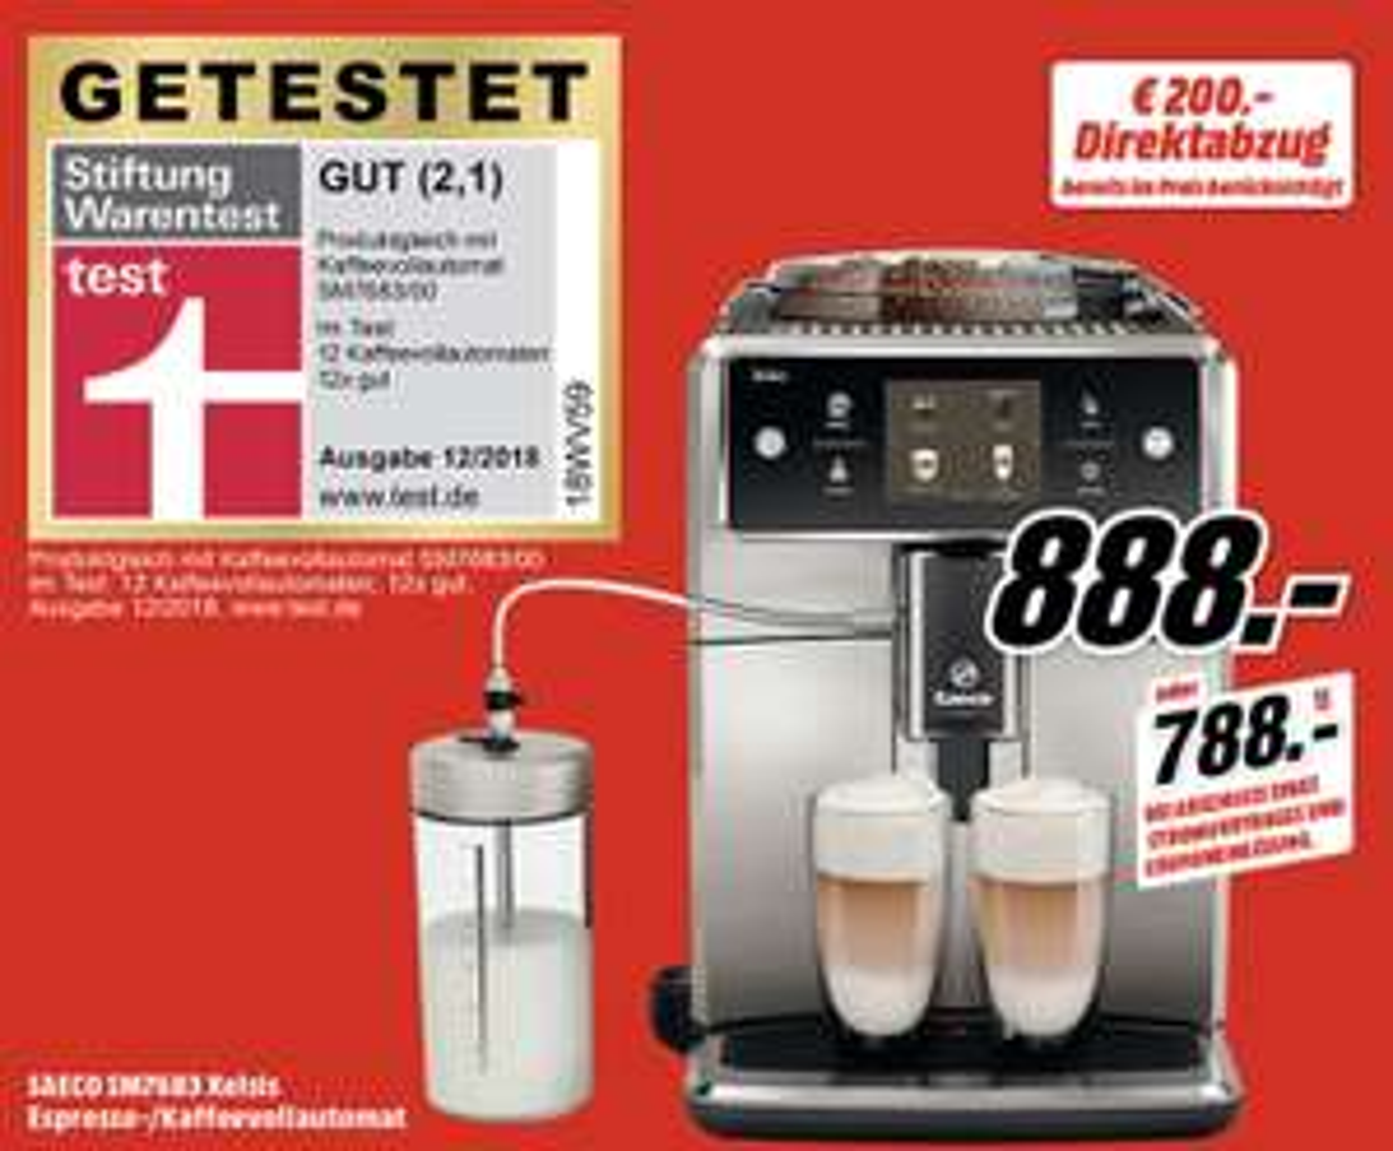 SAECO SM7683 Xelsis Kaffeevollautomat mit Coffee Equalizer für 888€ [MediaMarkt]